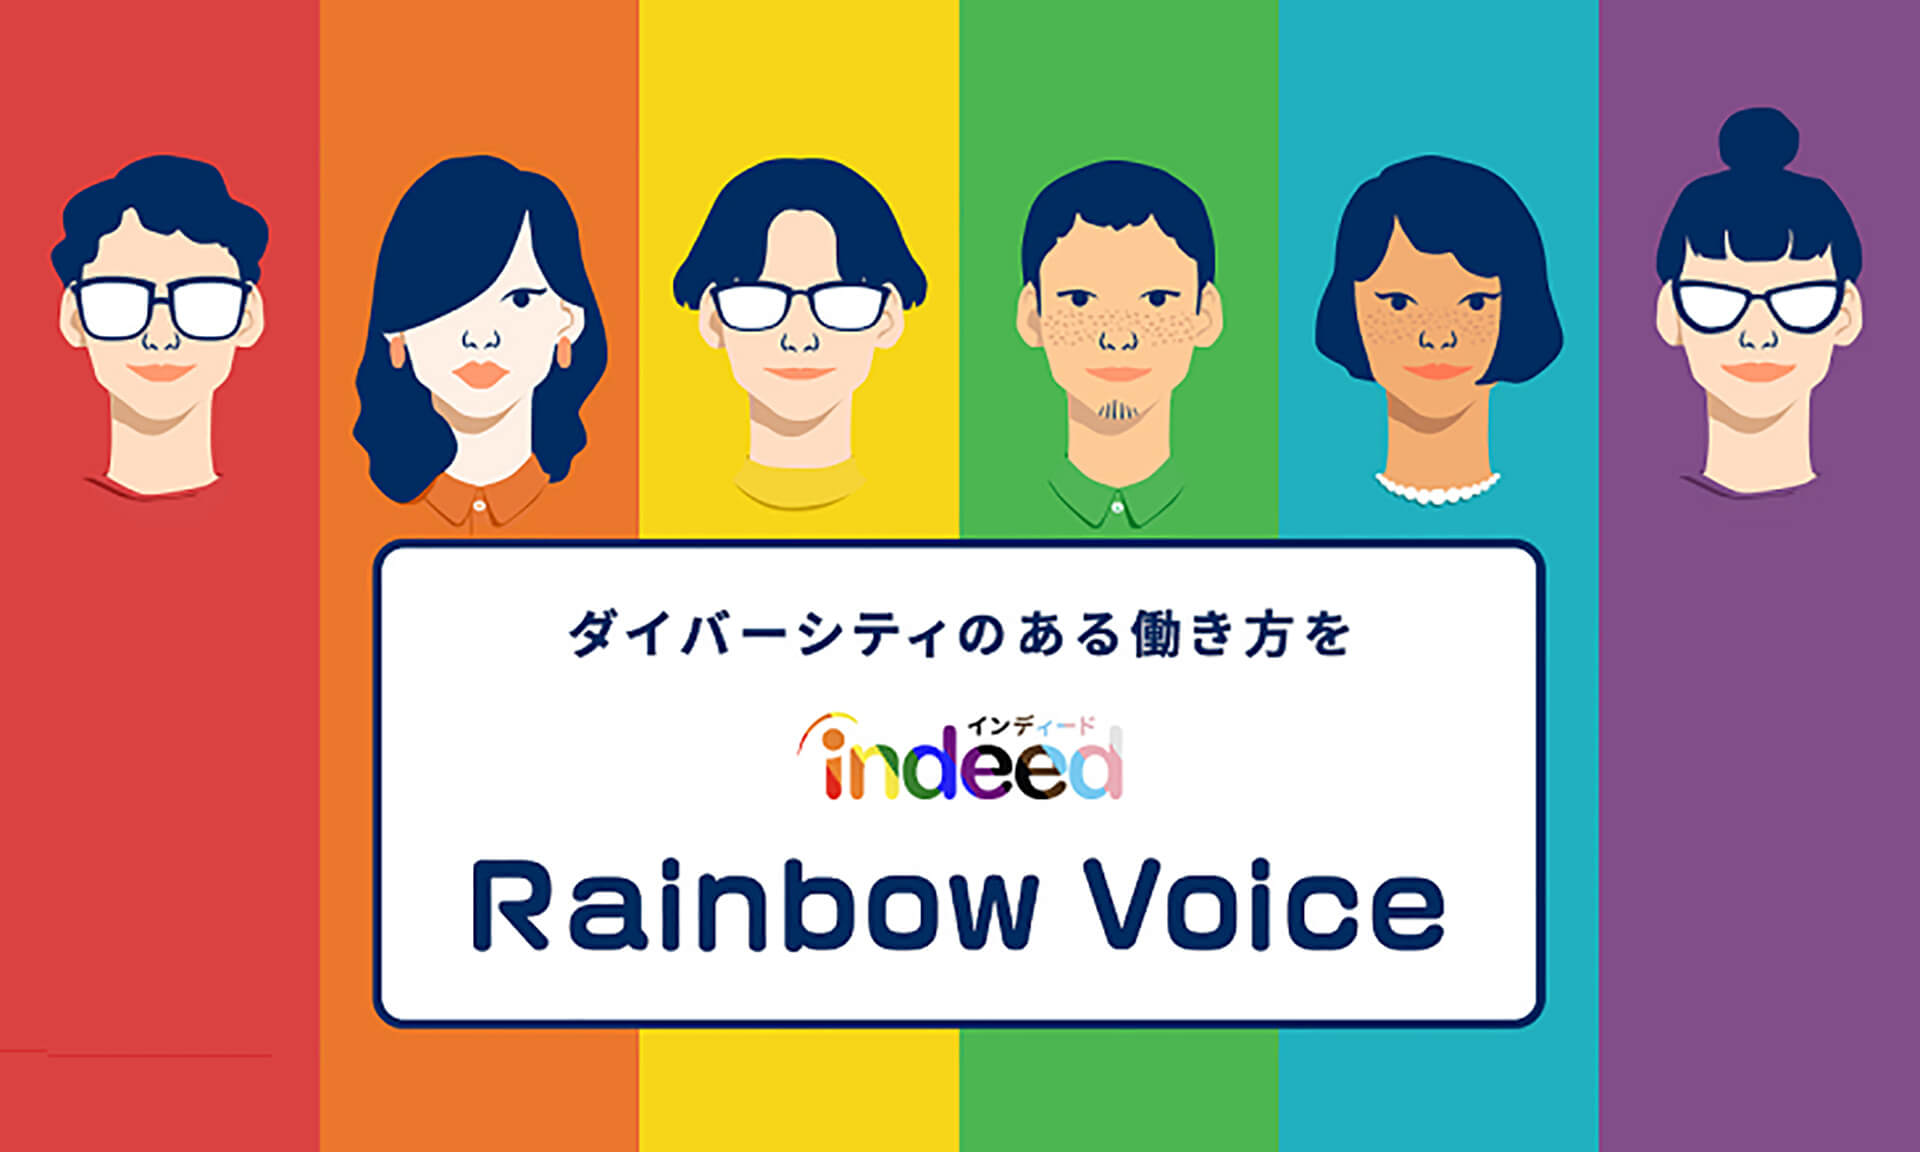 「Indeed Rainbow Voice」